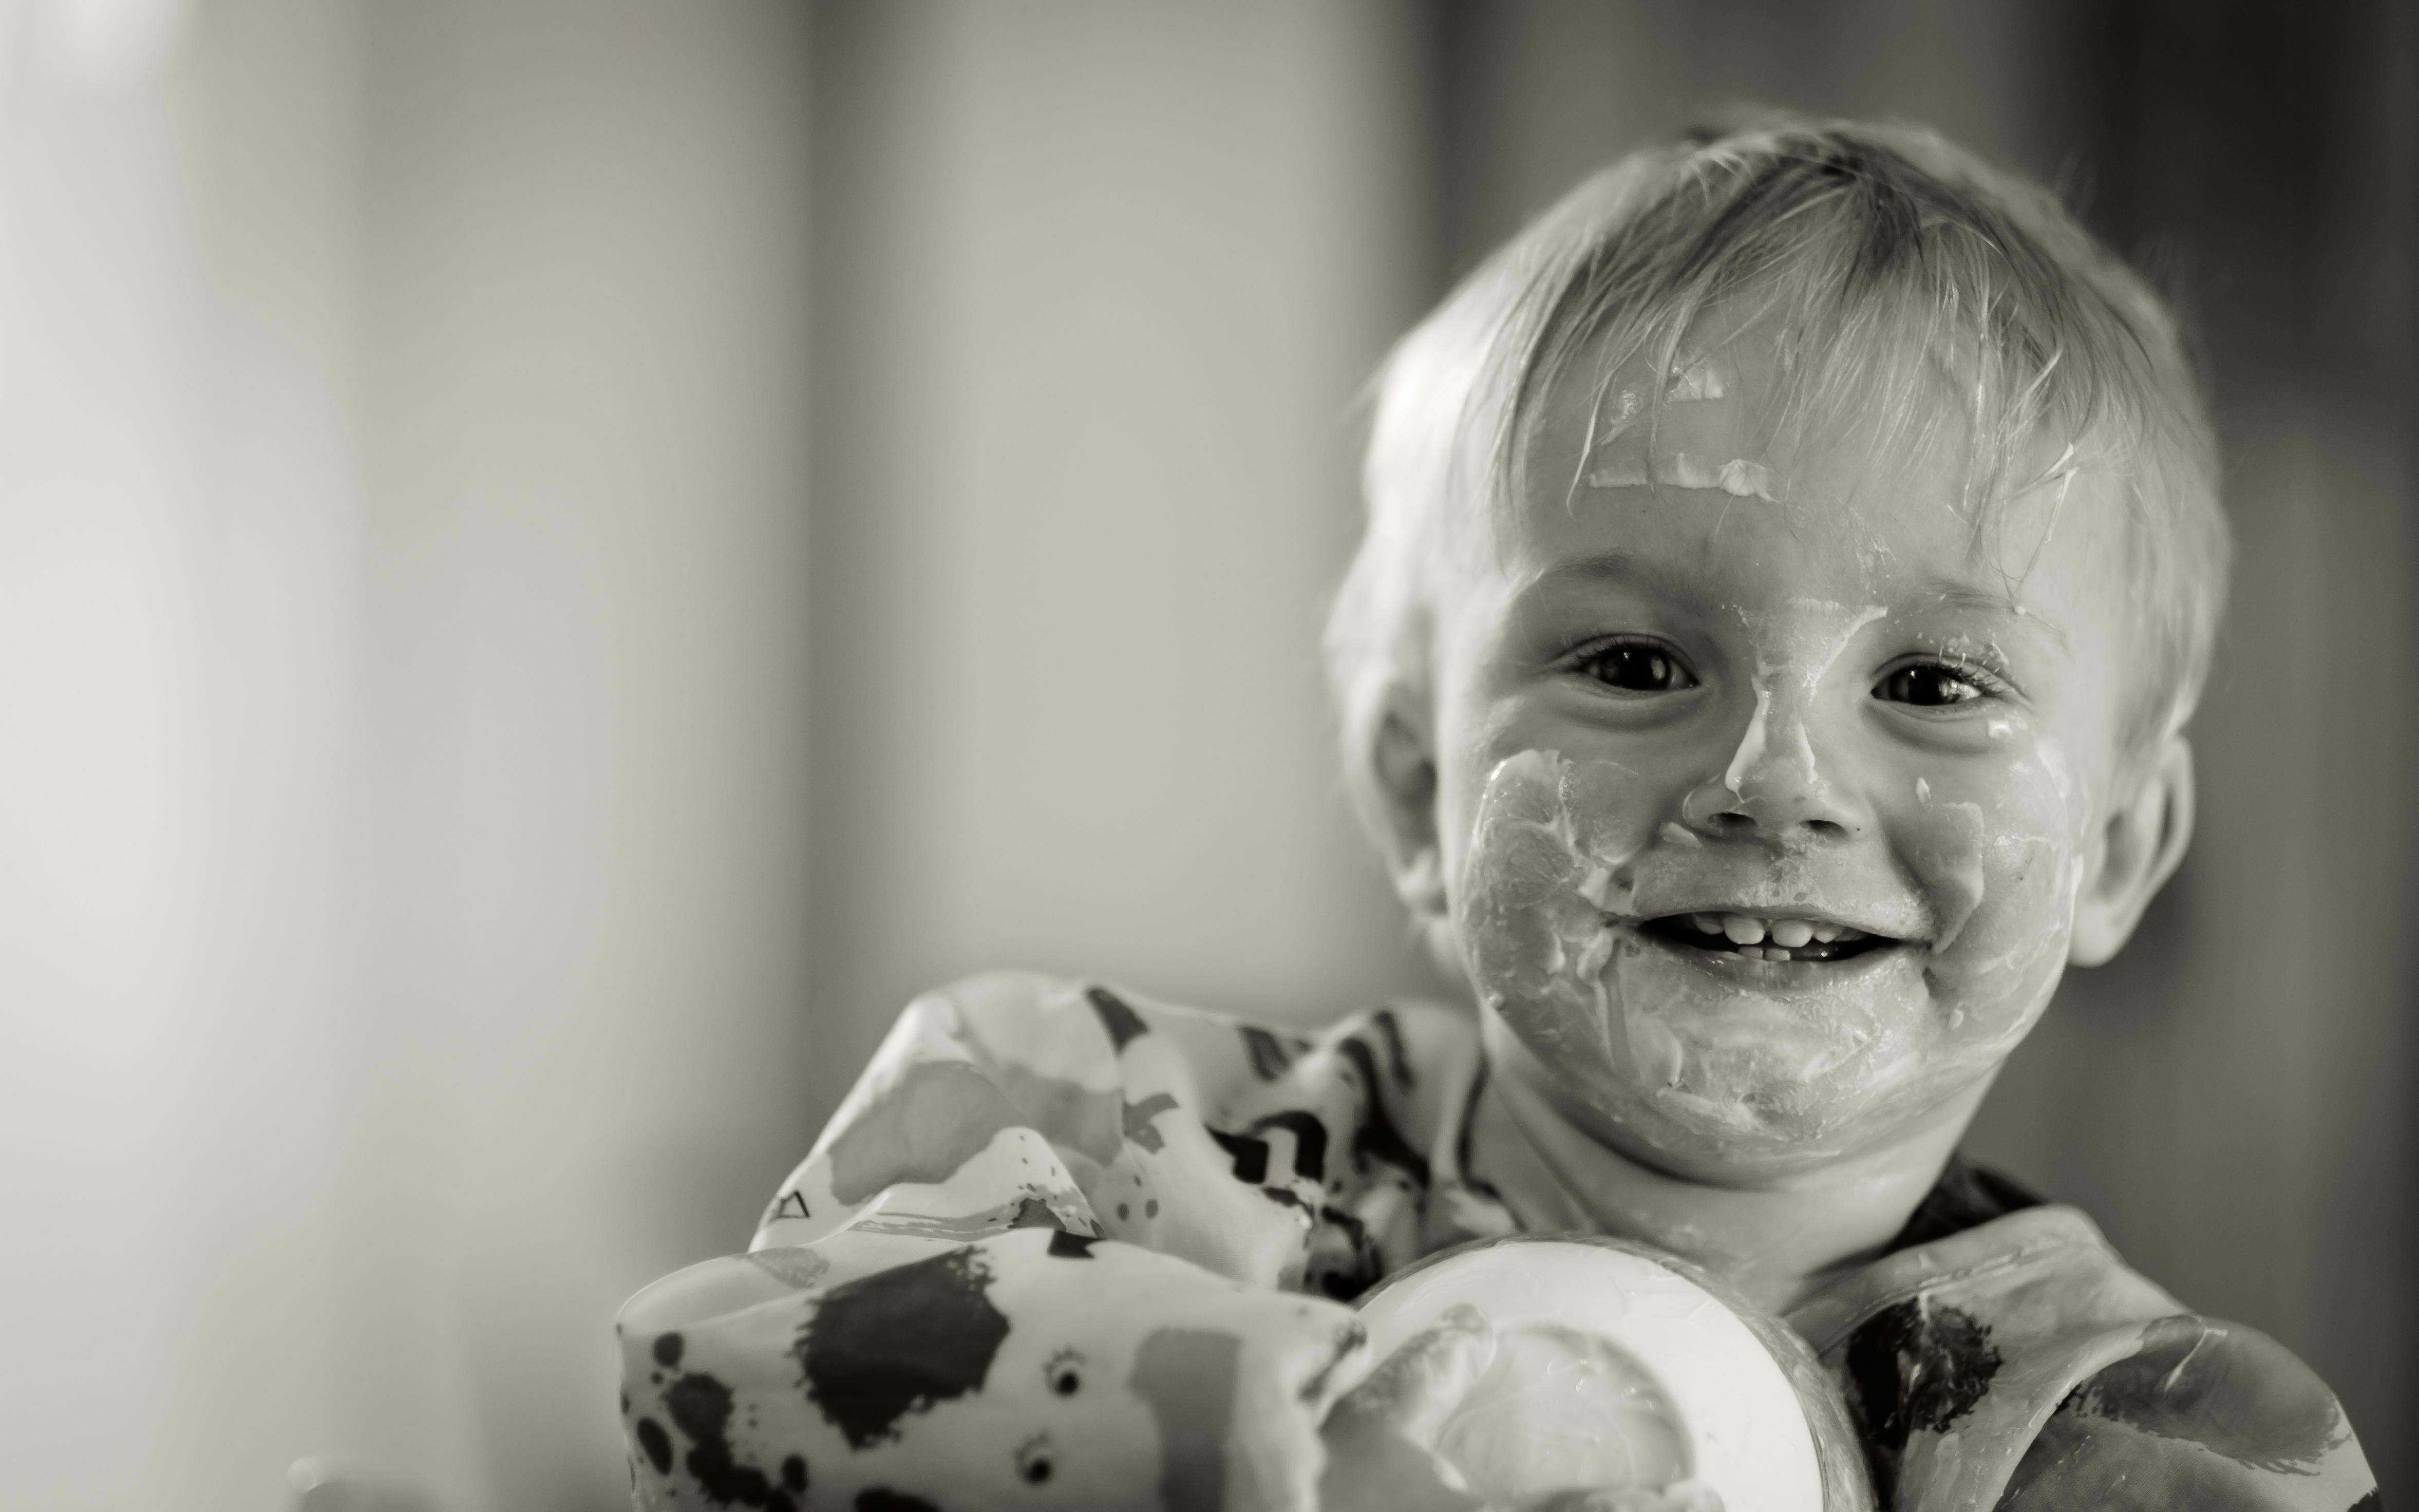 Картинки мальчик Улыбка смешной ребёнок Йогурт черно белые смотрит 4710x2944 Мальчики мальчишки мальчишка улыбается Смешные смешная забавные Дети Черно белое Взгляд смотрят